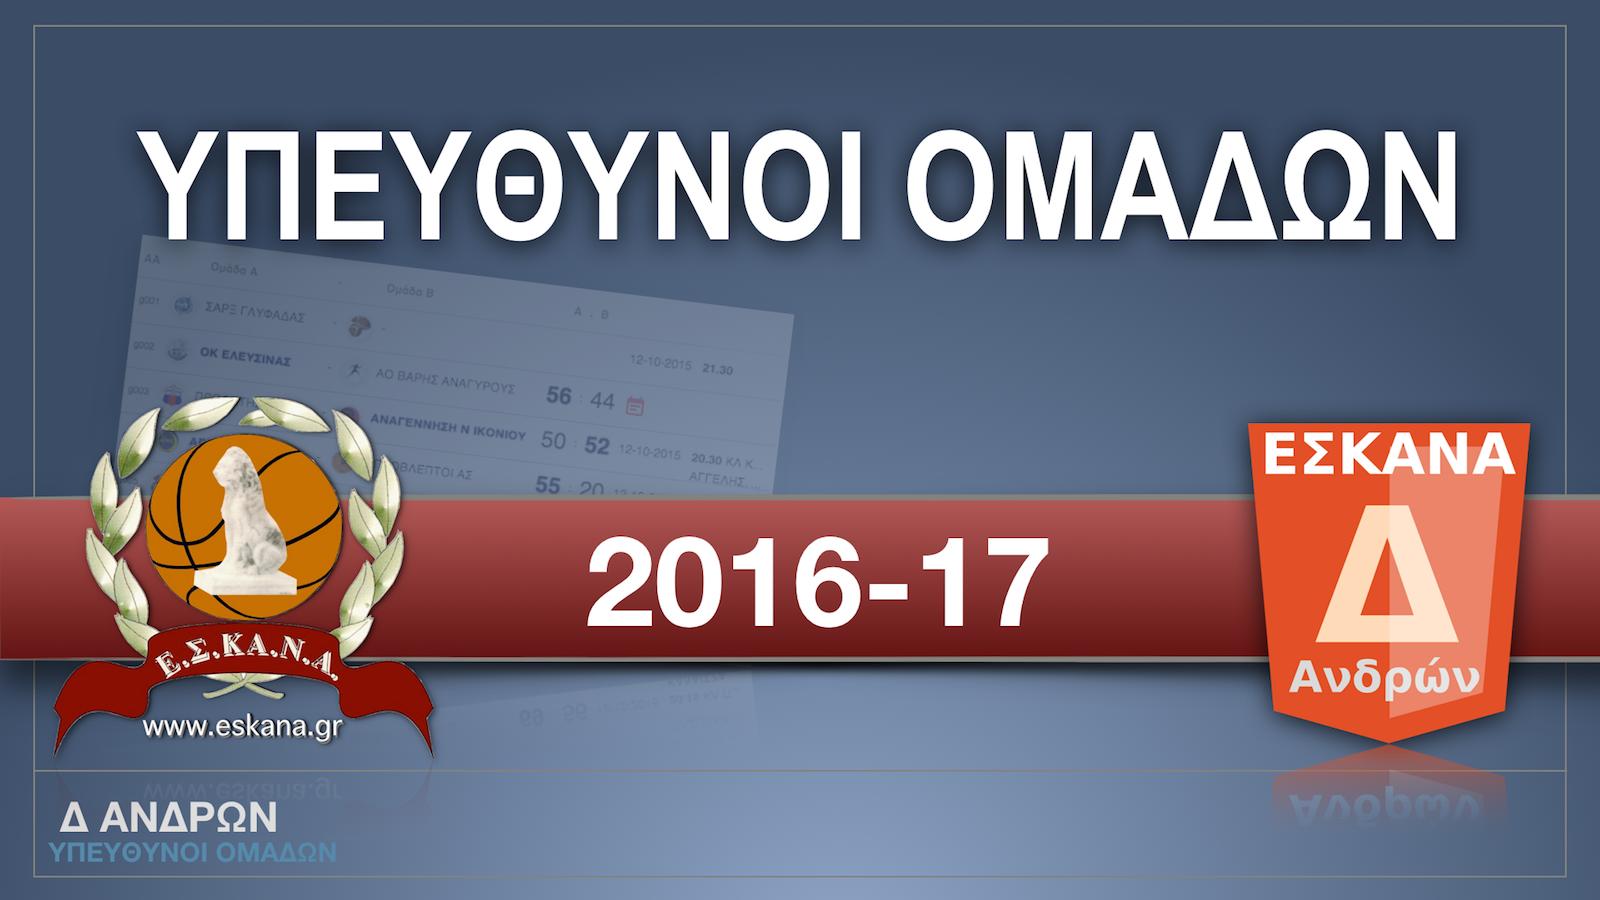 Οι υπεύθυνοι των ομάδων Δ ΑΝΔΡΩΝ 2016-17